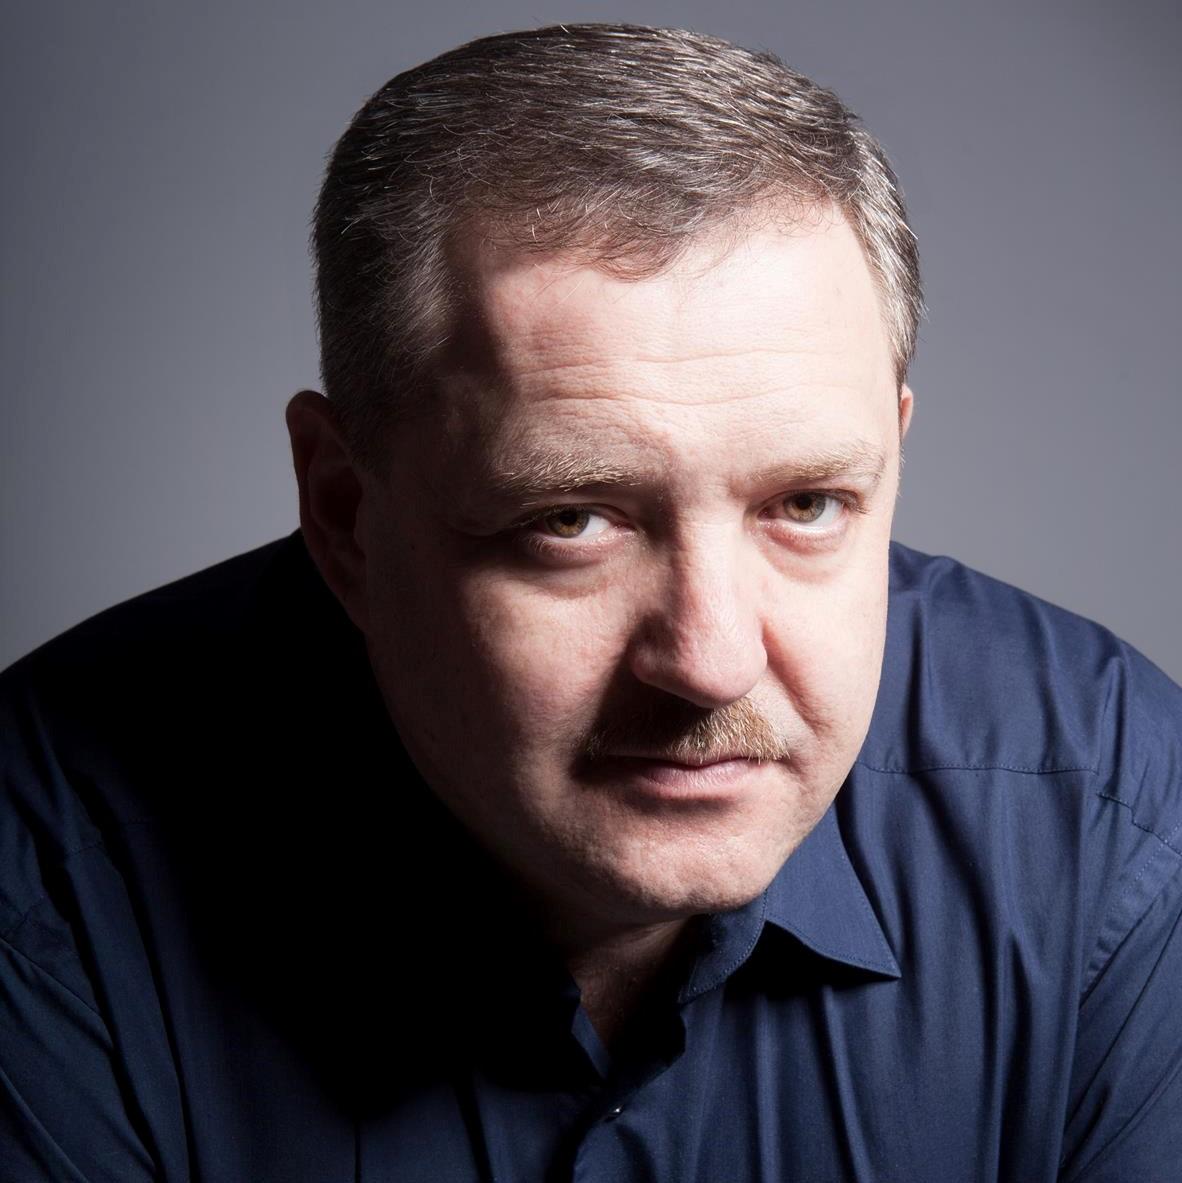 Олександр Жимінюк: Якби у нас були прокурори, як Генпрокурор Бразилії, то не треба було б Майданів - 1 - Корупція - Без Купюр